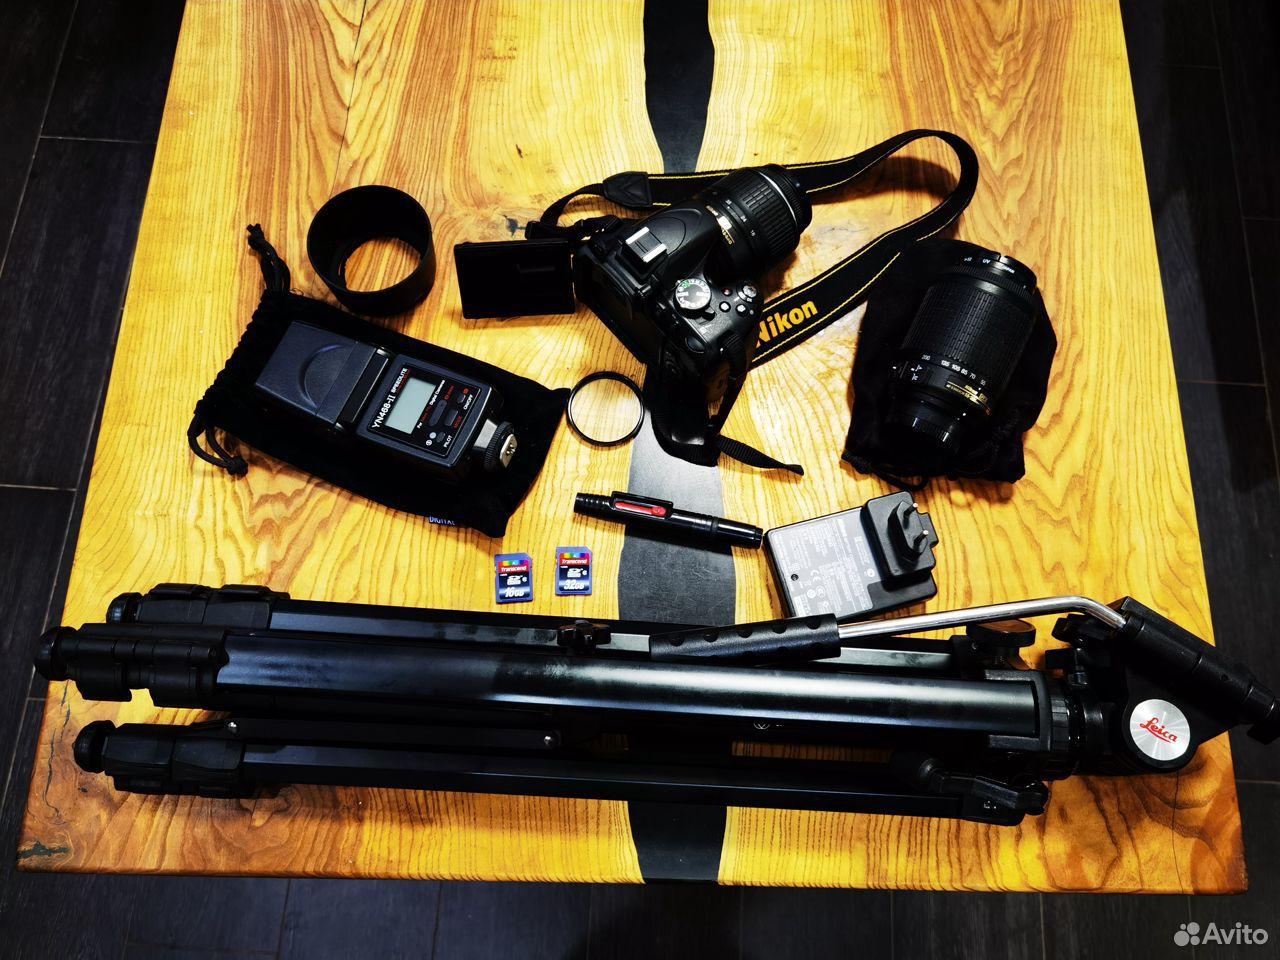 Зеркальный фотоаппарат Nikon D5100 Dauble VR Обмен  89185656006 купить 4